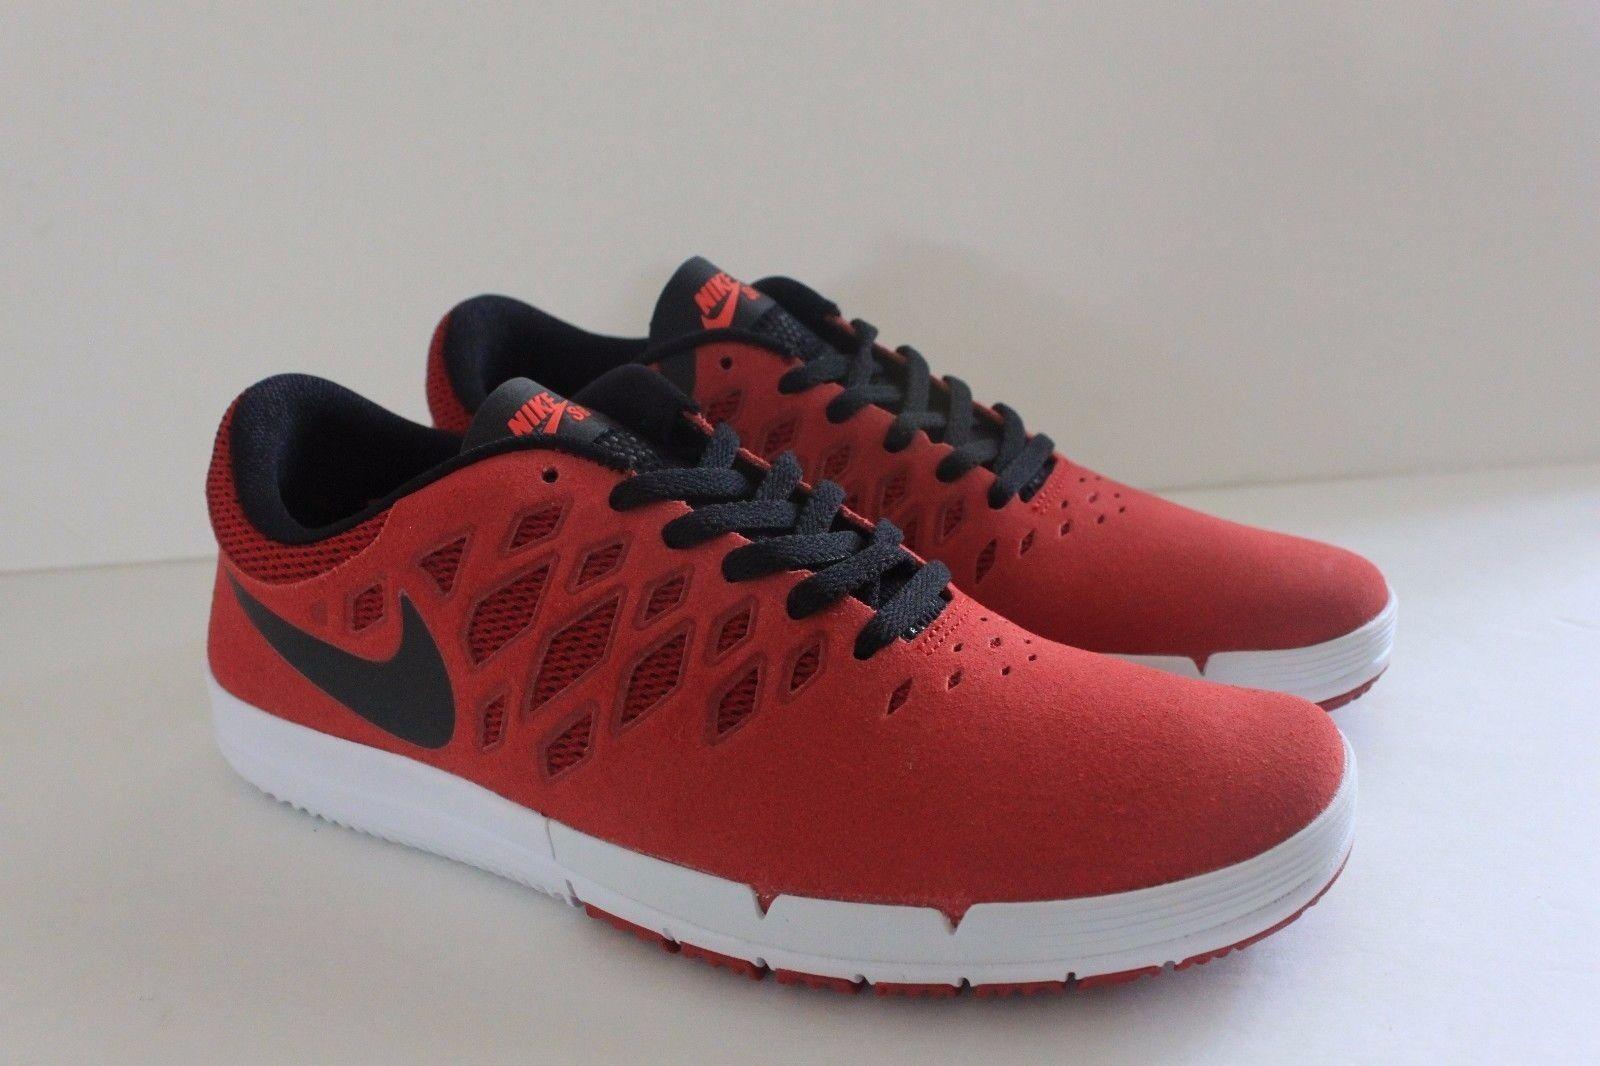 Sb scarpa da ginnastica nike libero con dimensioni 10 44 euro 704936 606 rosso - nero pennino uomini